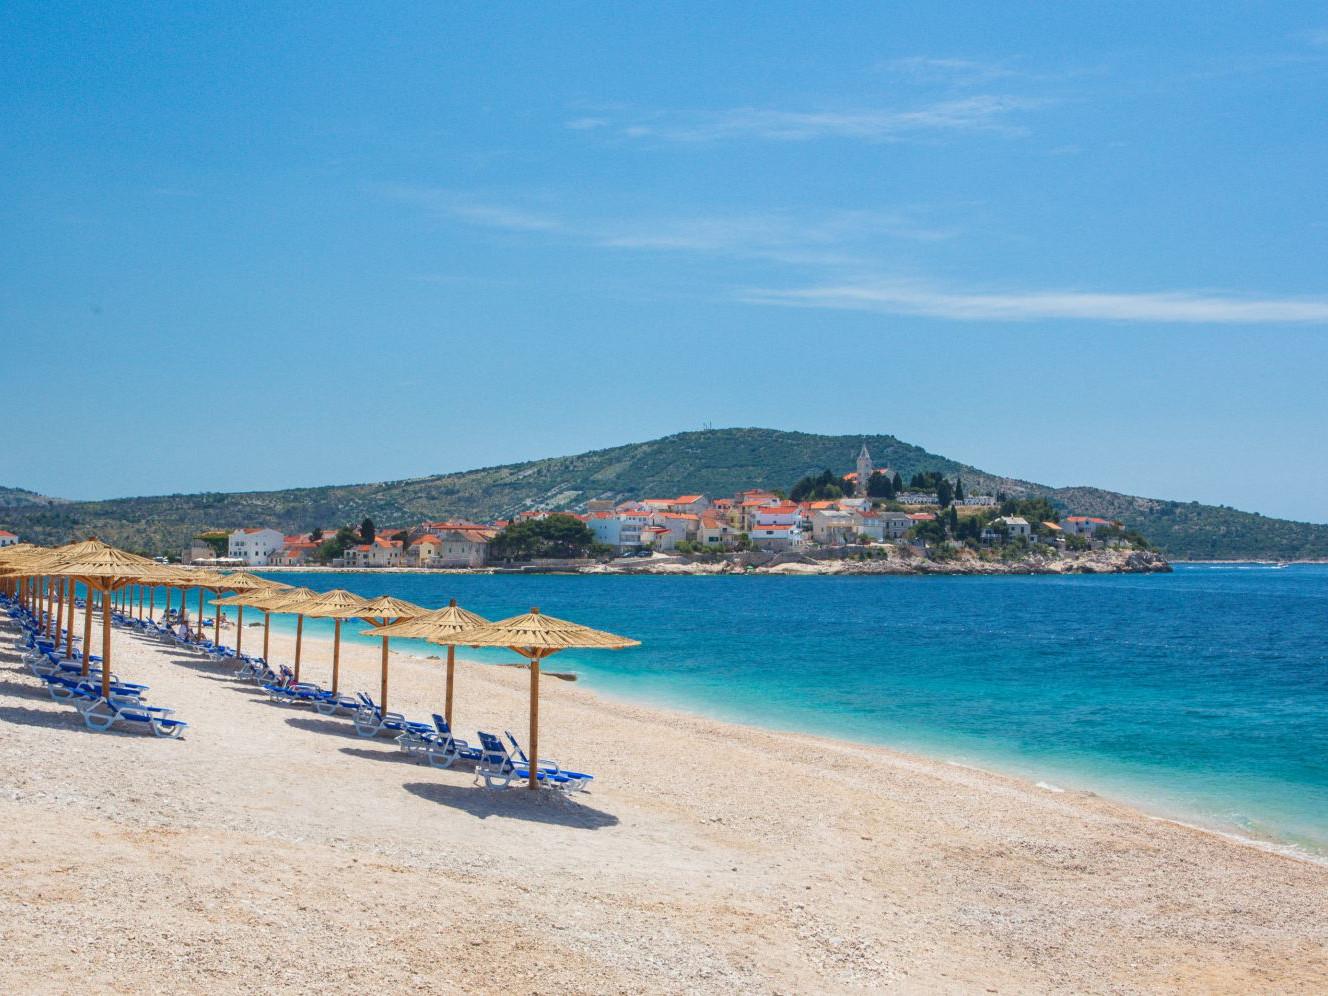 beach 06 14638554239 o uai - Zora Hotel